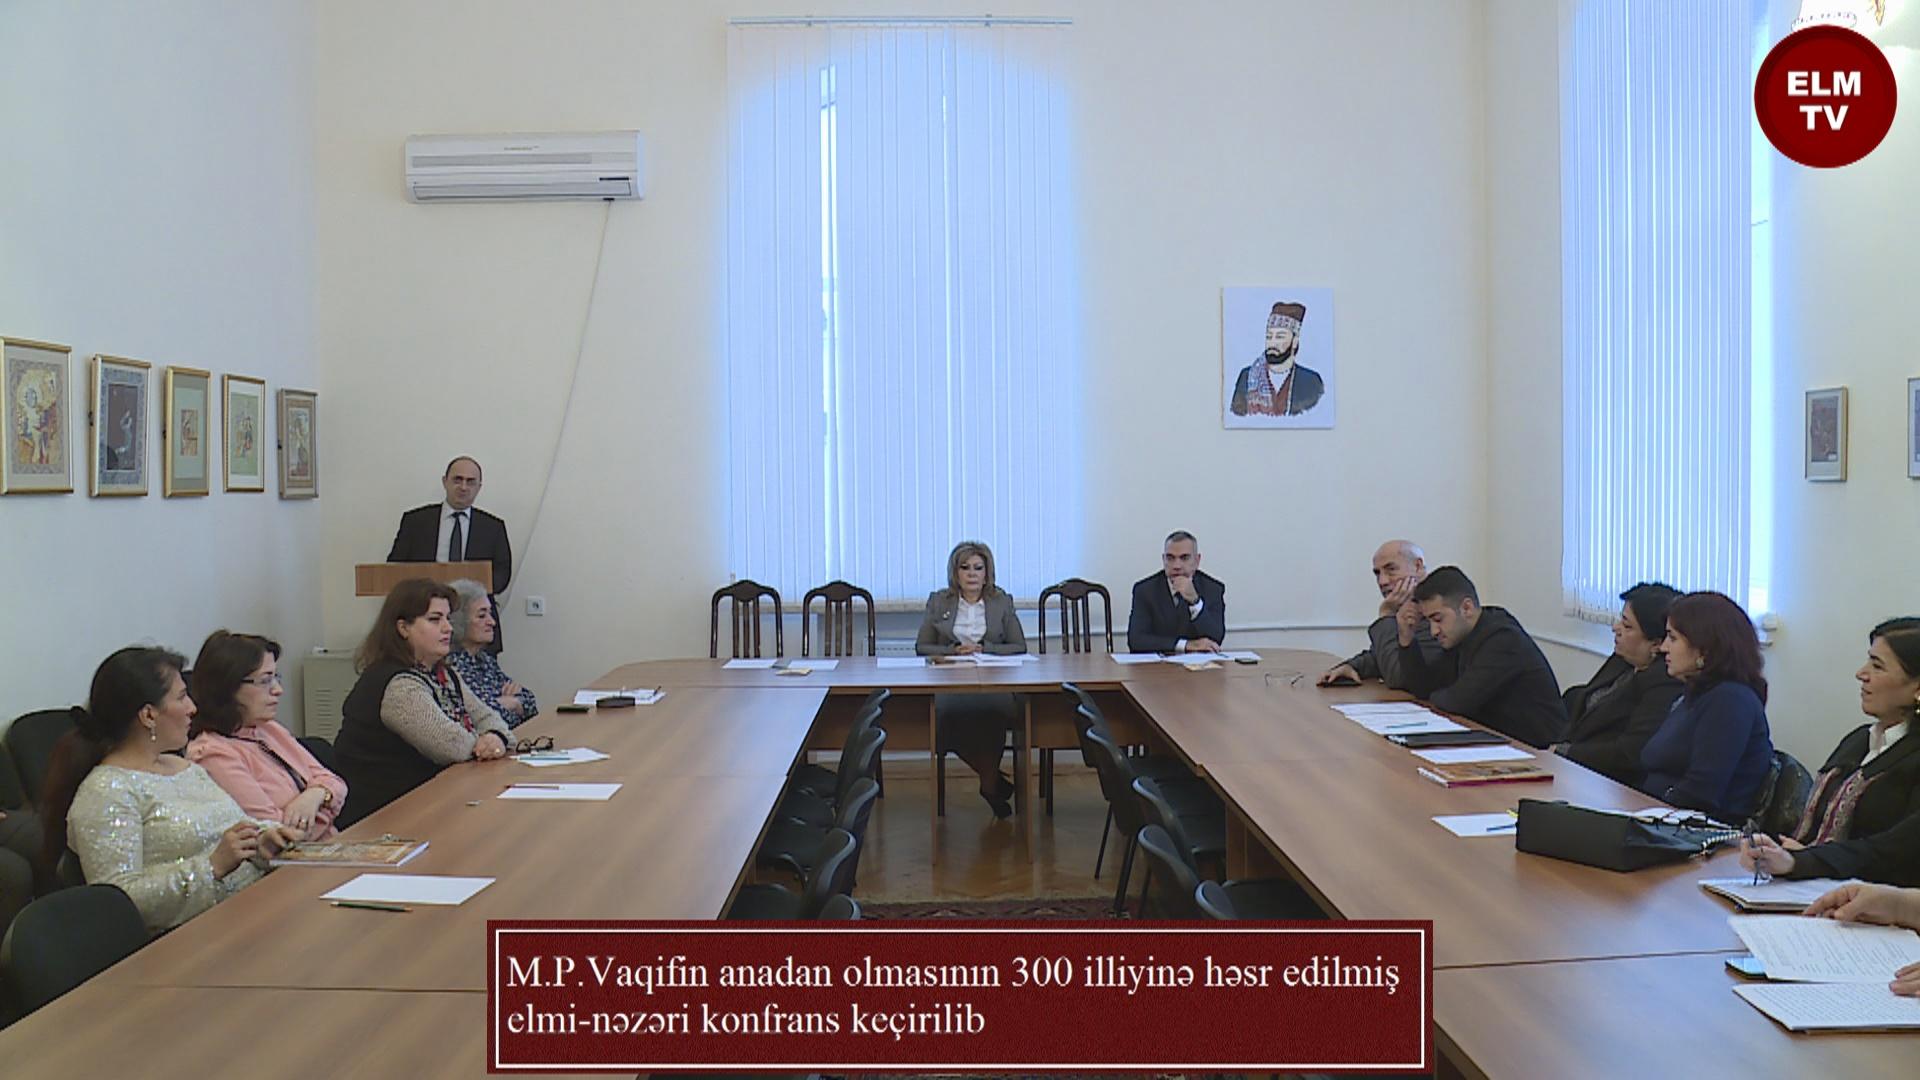 M.P.Vaqifin anadan olmasının 300 illiyinə həsr edilmiş elmi-nəzəri konfrans keçirilib